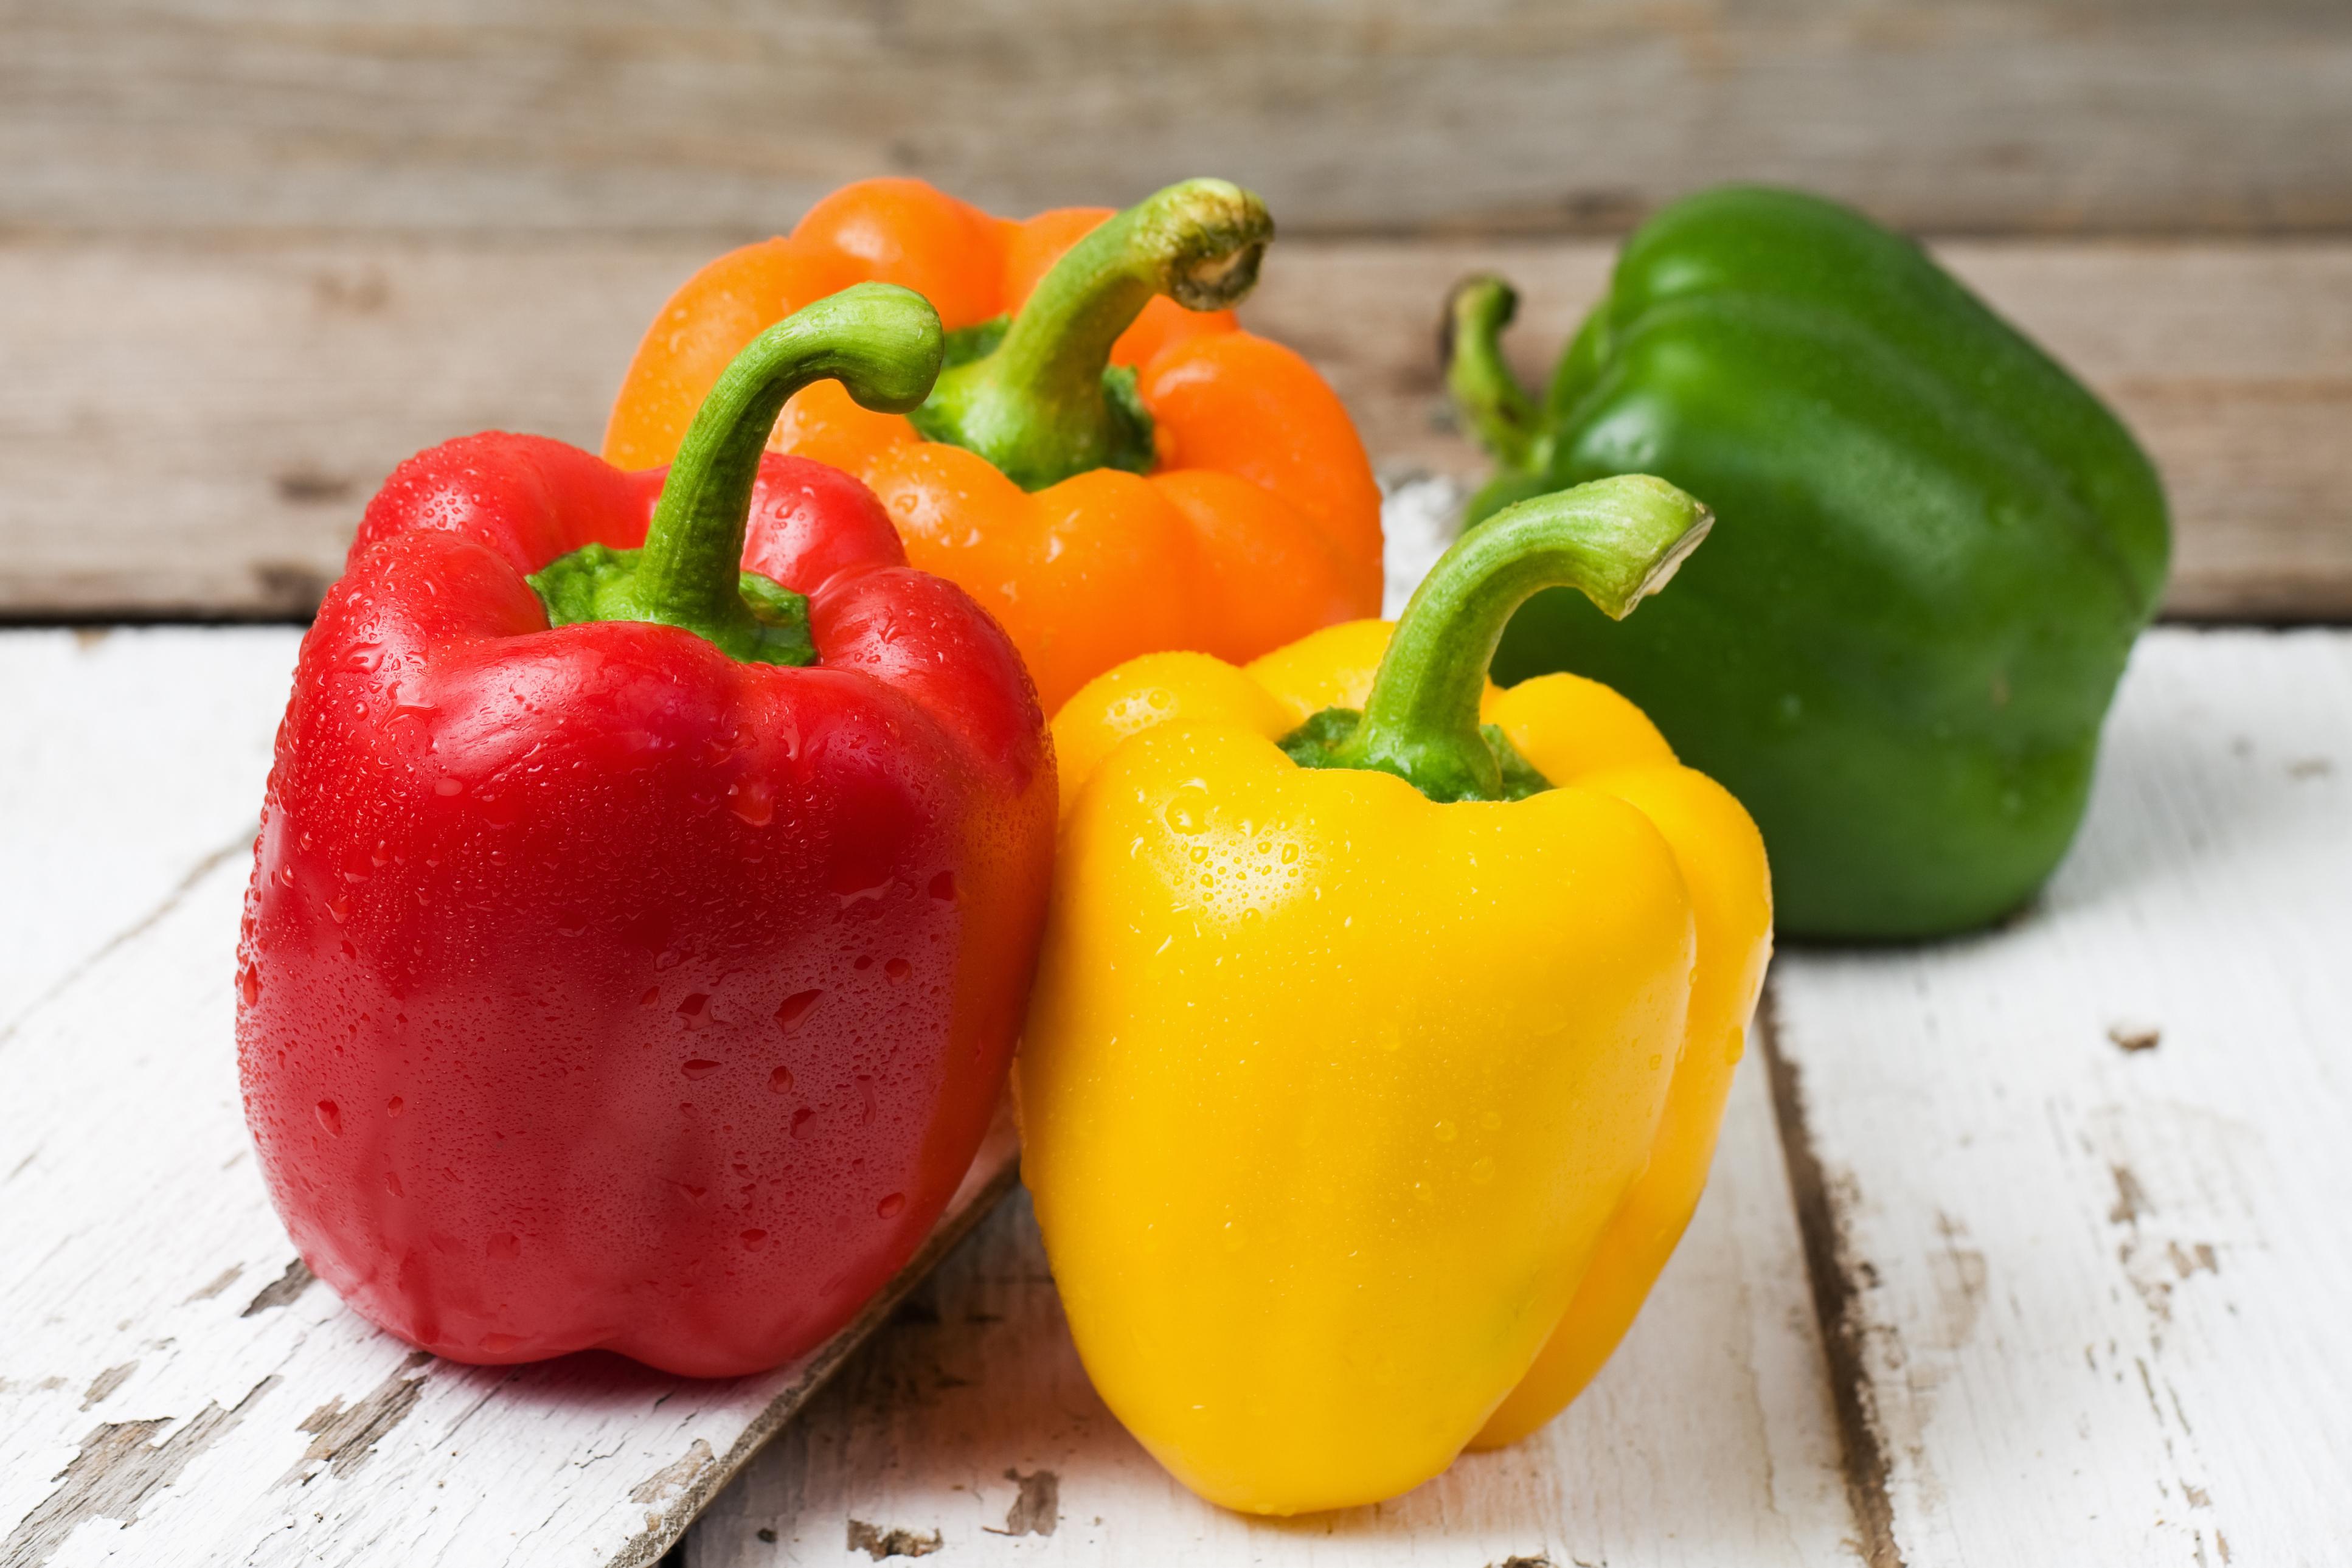 Nahaufnahme von Bio-Paprikafrüchten in Rot, Orange, Gelb und Grün